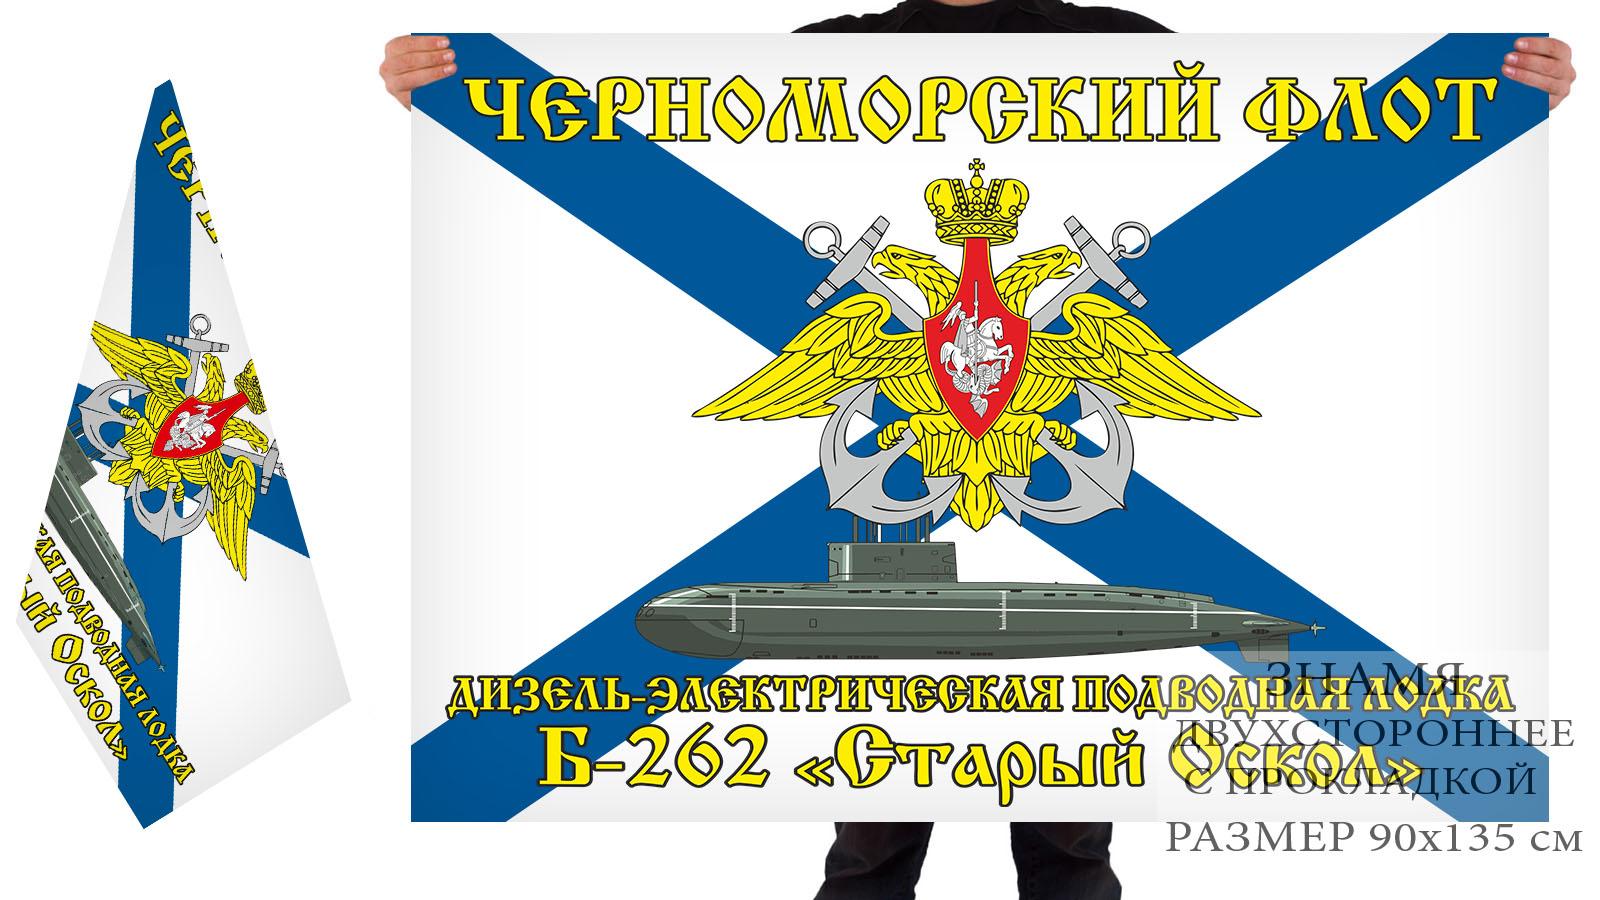 Двусторонний флаг ДЭПЛ Б 262 Старый Оскол